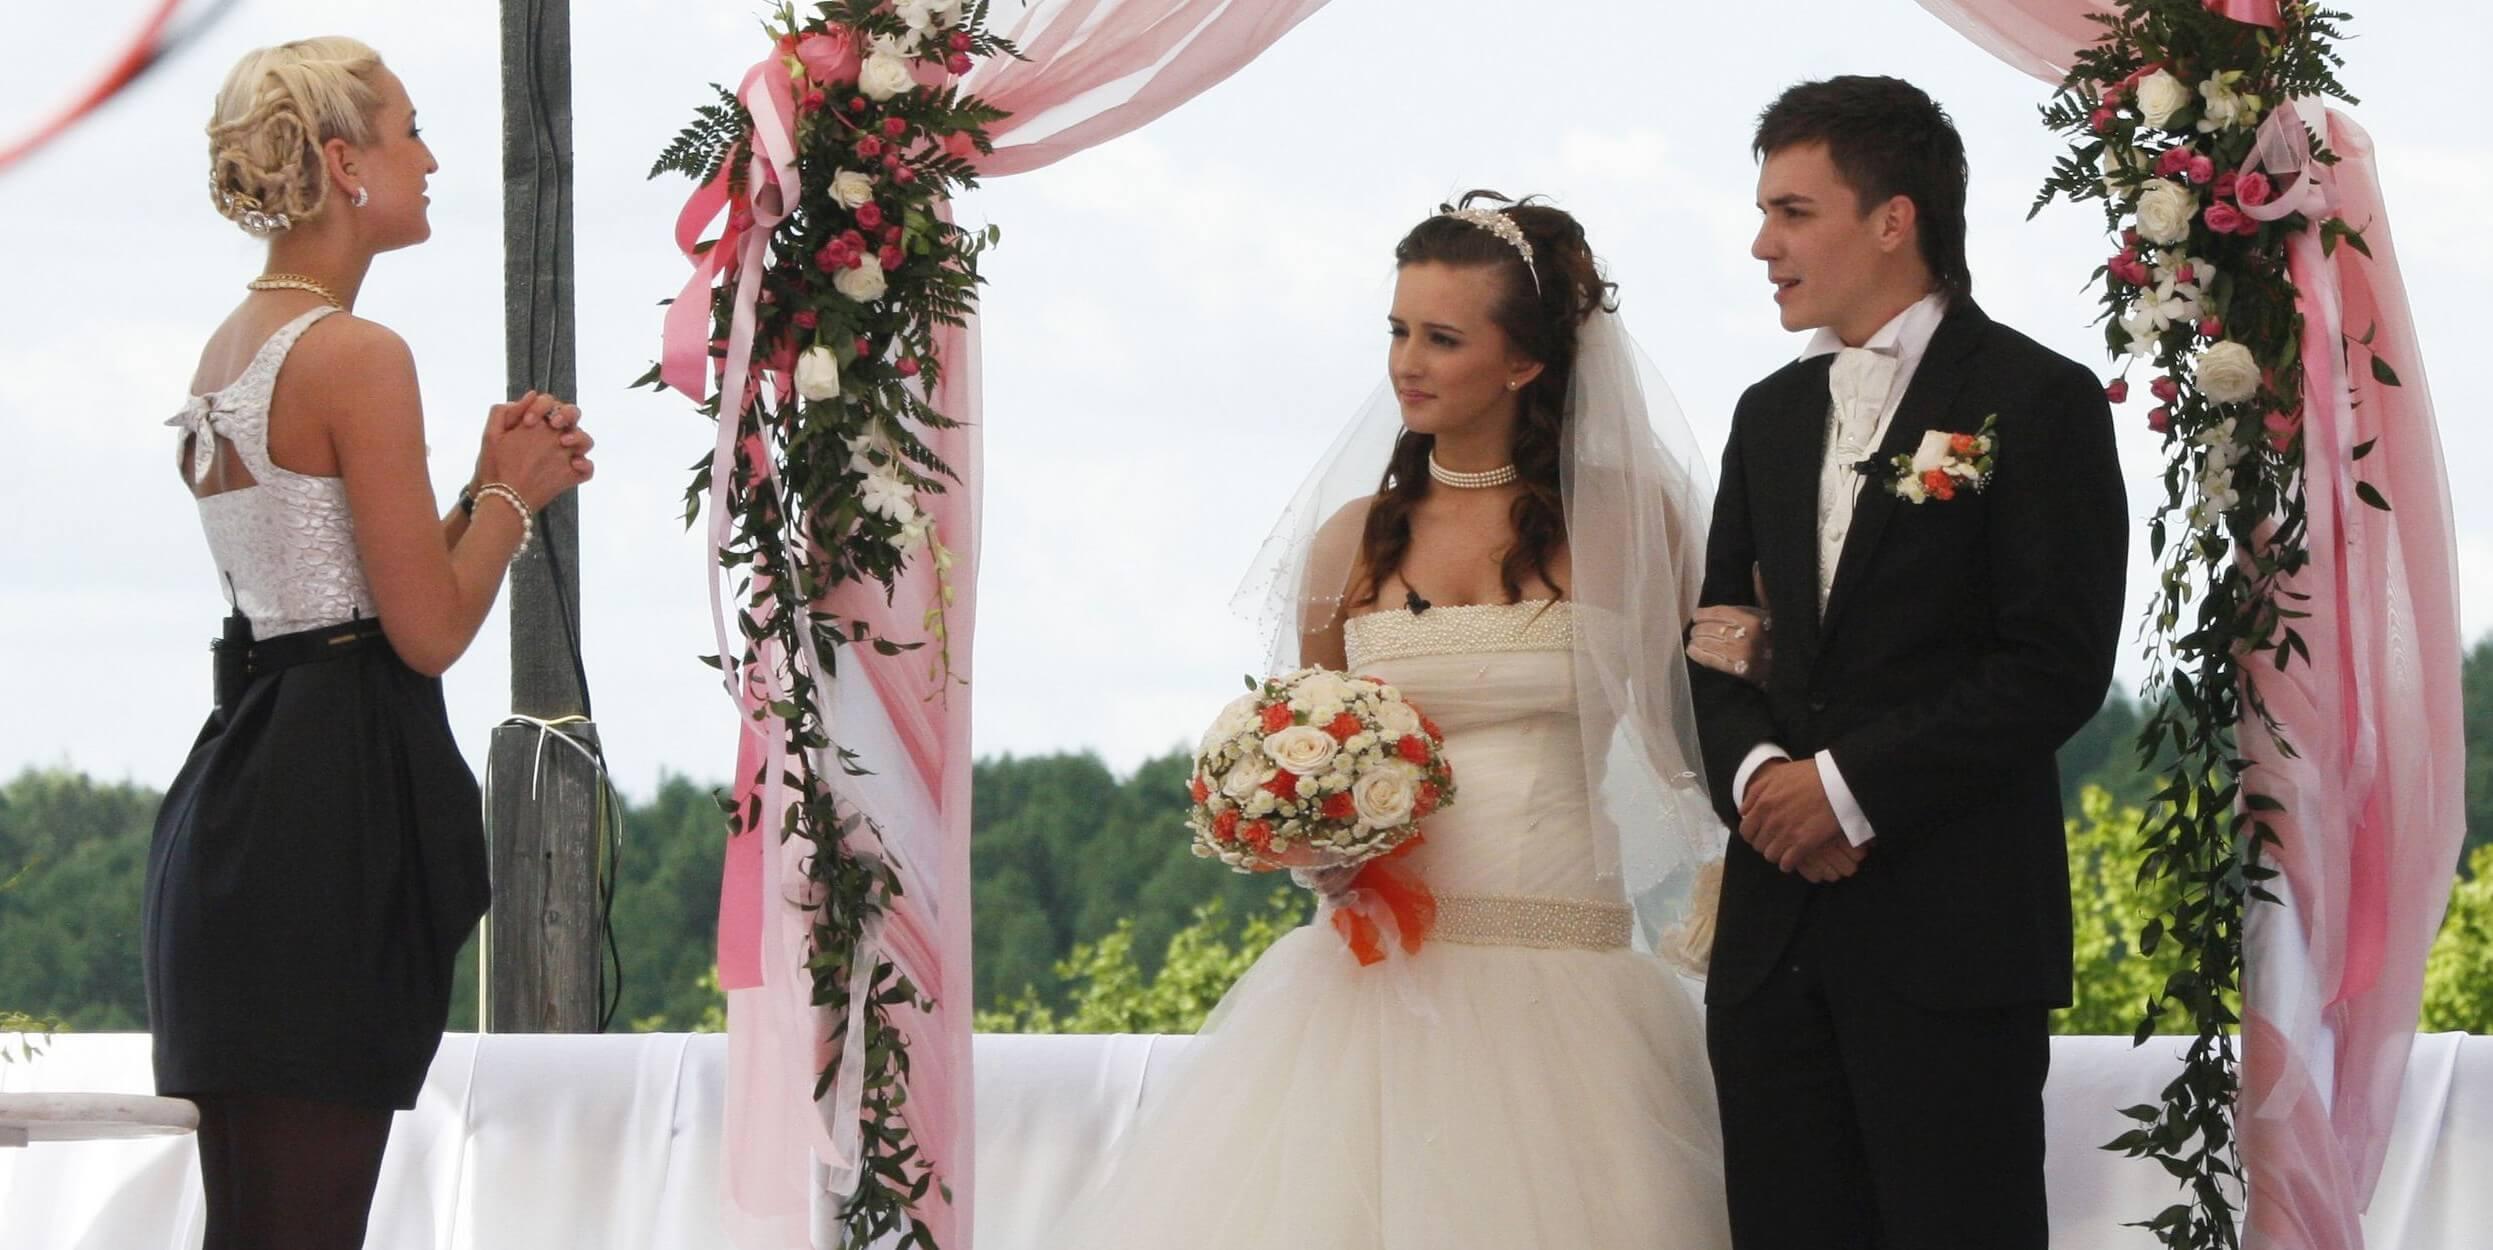 Фото риты агибаловой со свадьбы